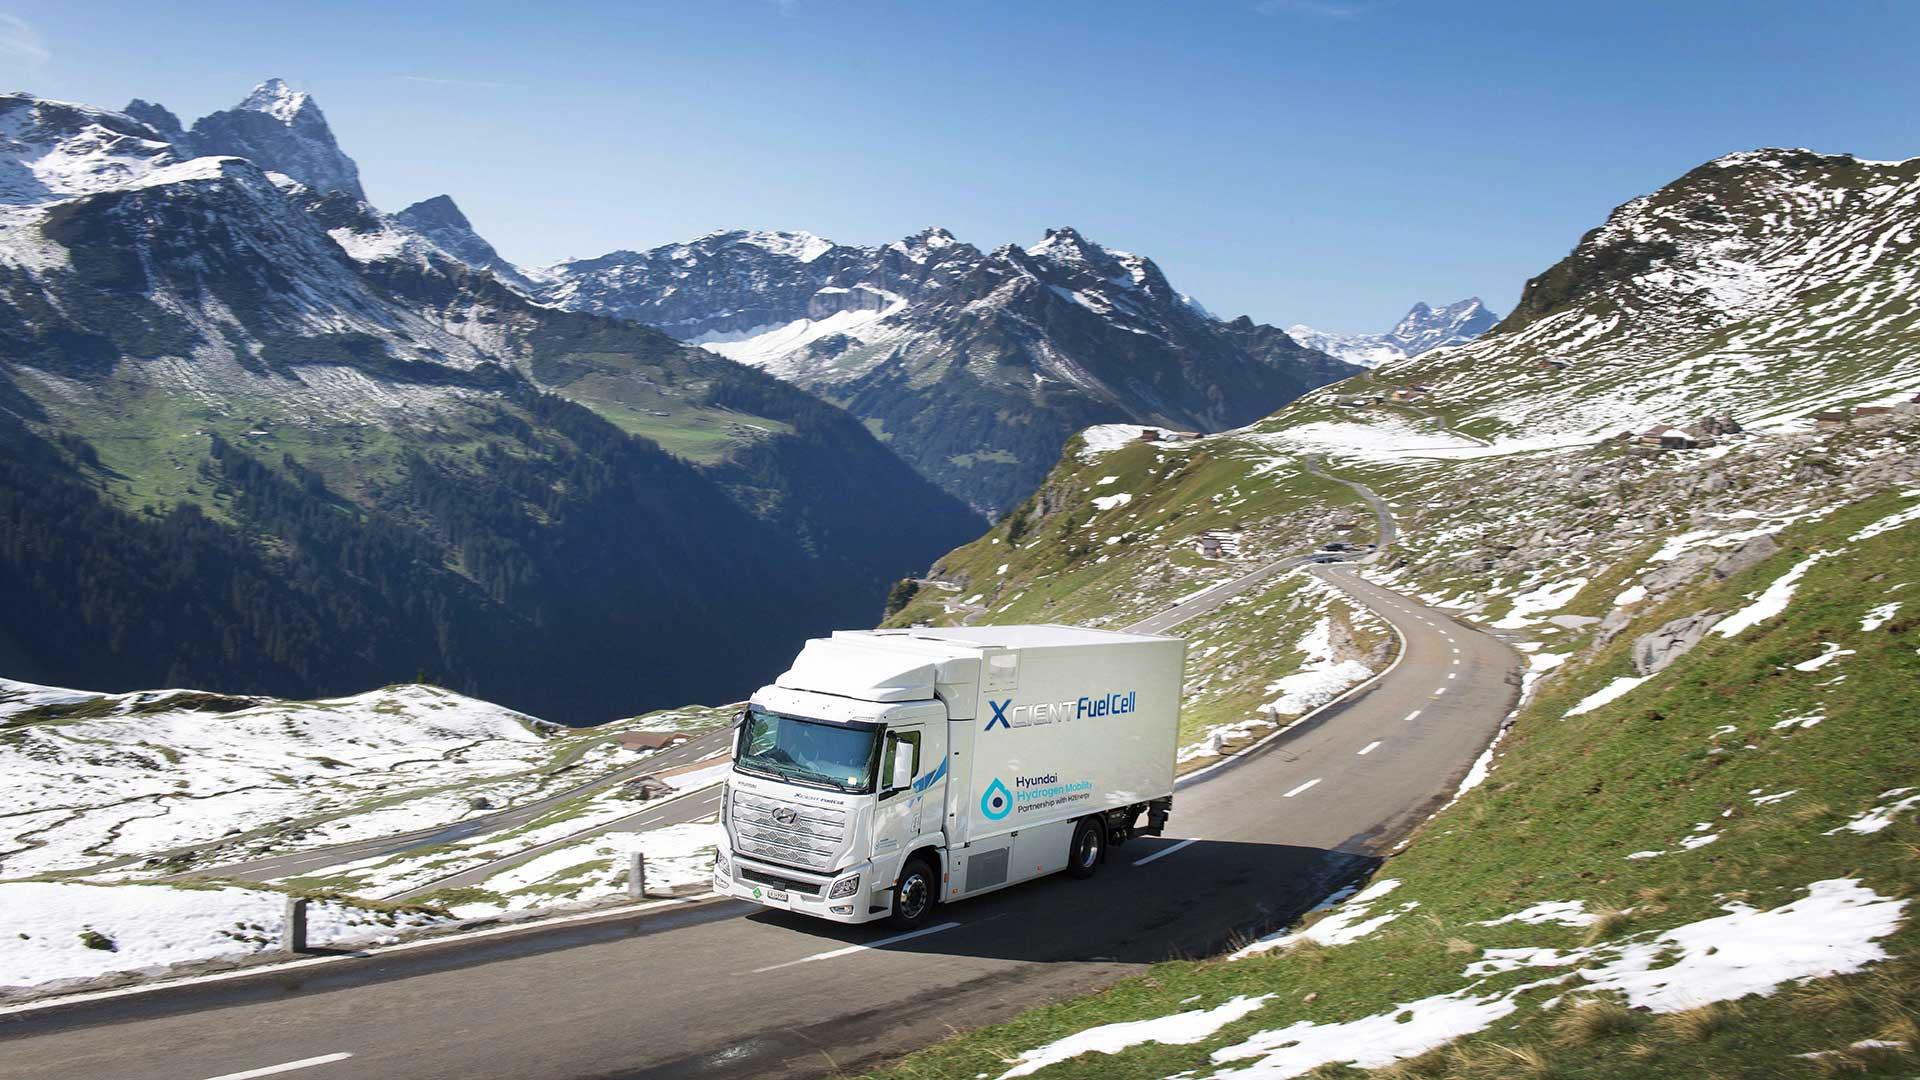 El camión de hidrógeno de Hyundai ya ha recorrido más de un millón de kilómetros